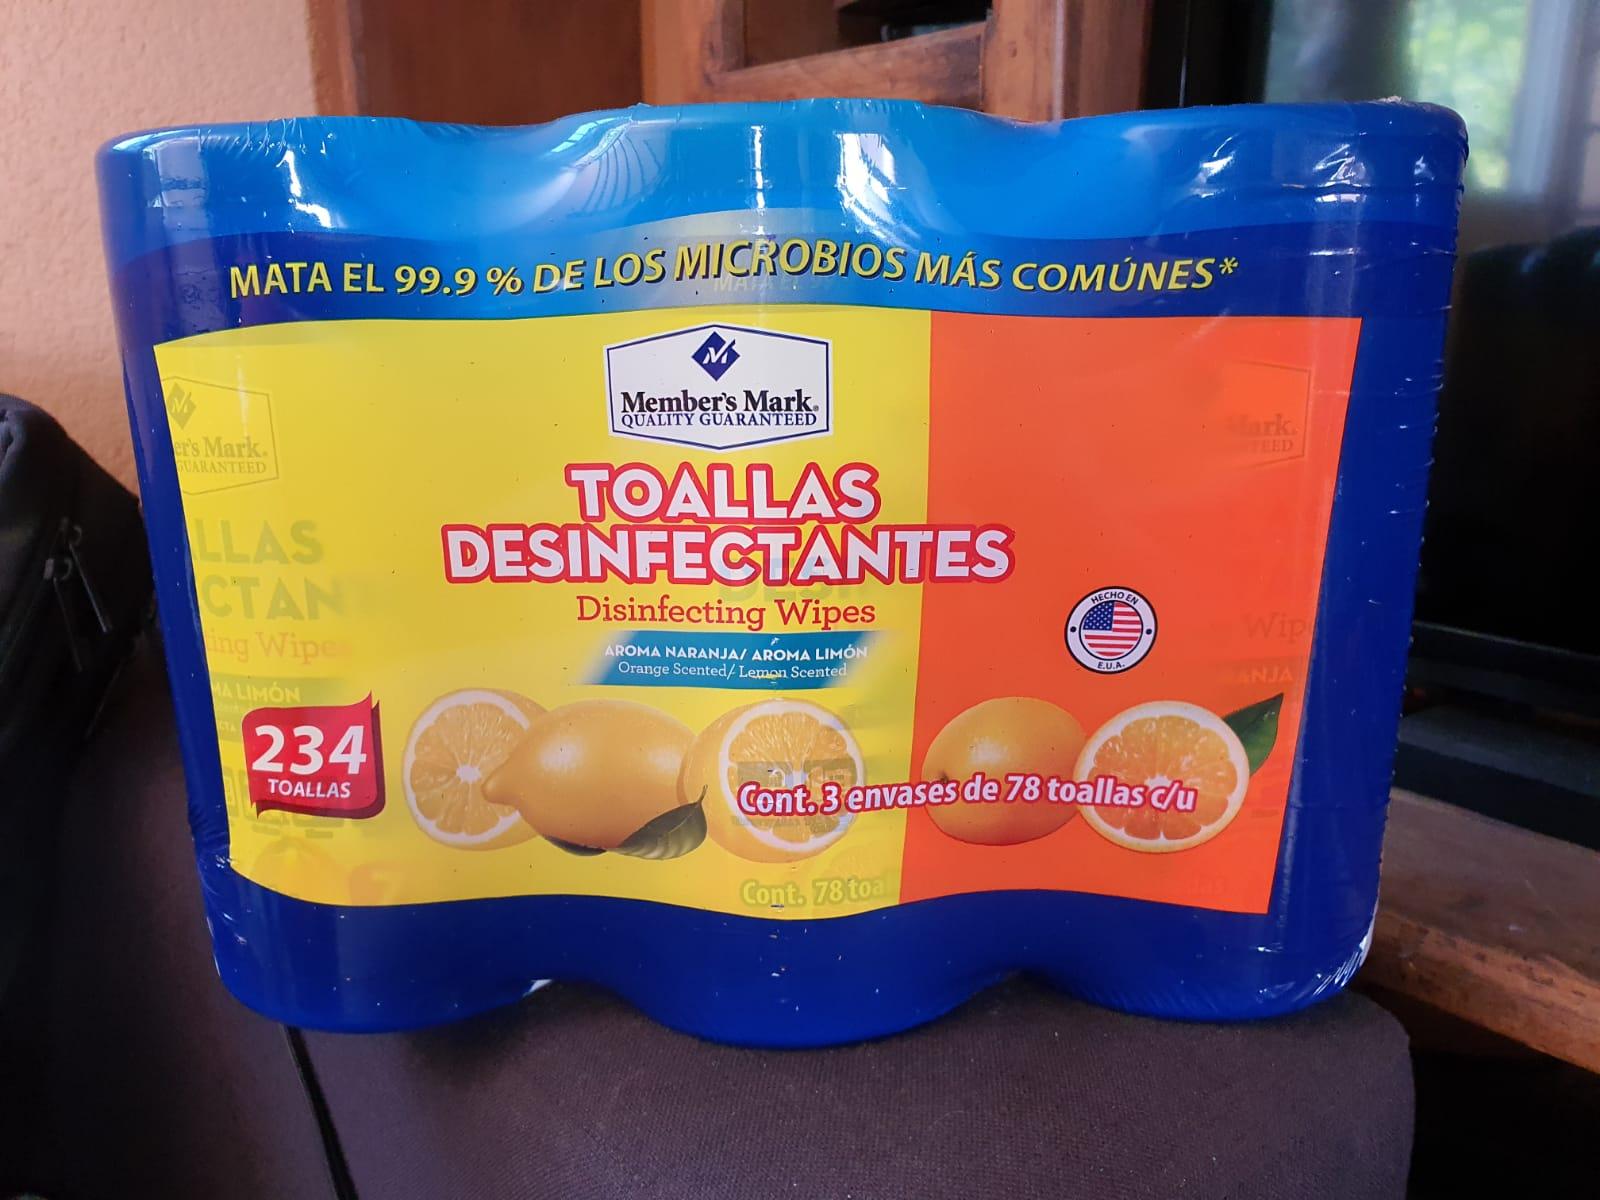 Sam's Club: Toallas desinfectantes Members mark, 3 piezas con 78 toallitas c/u